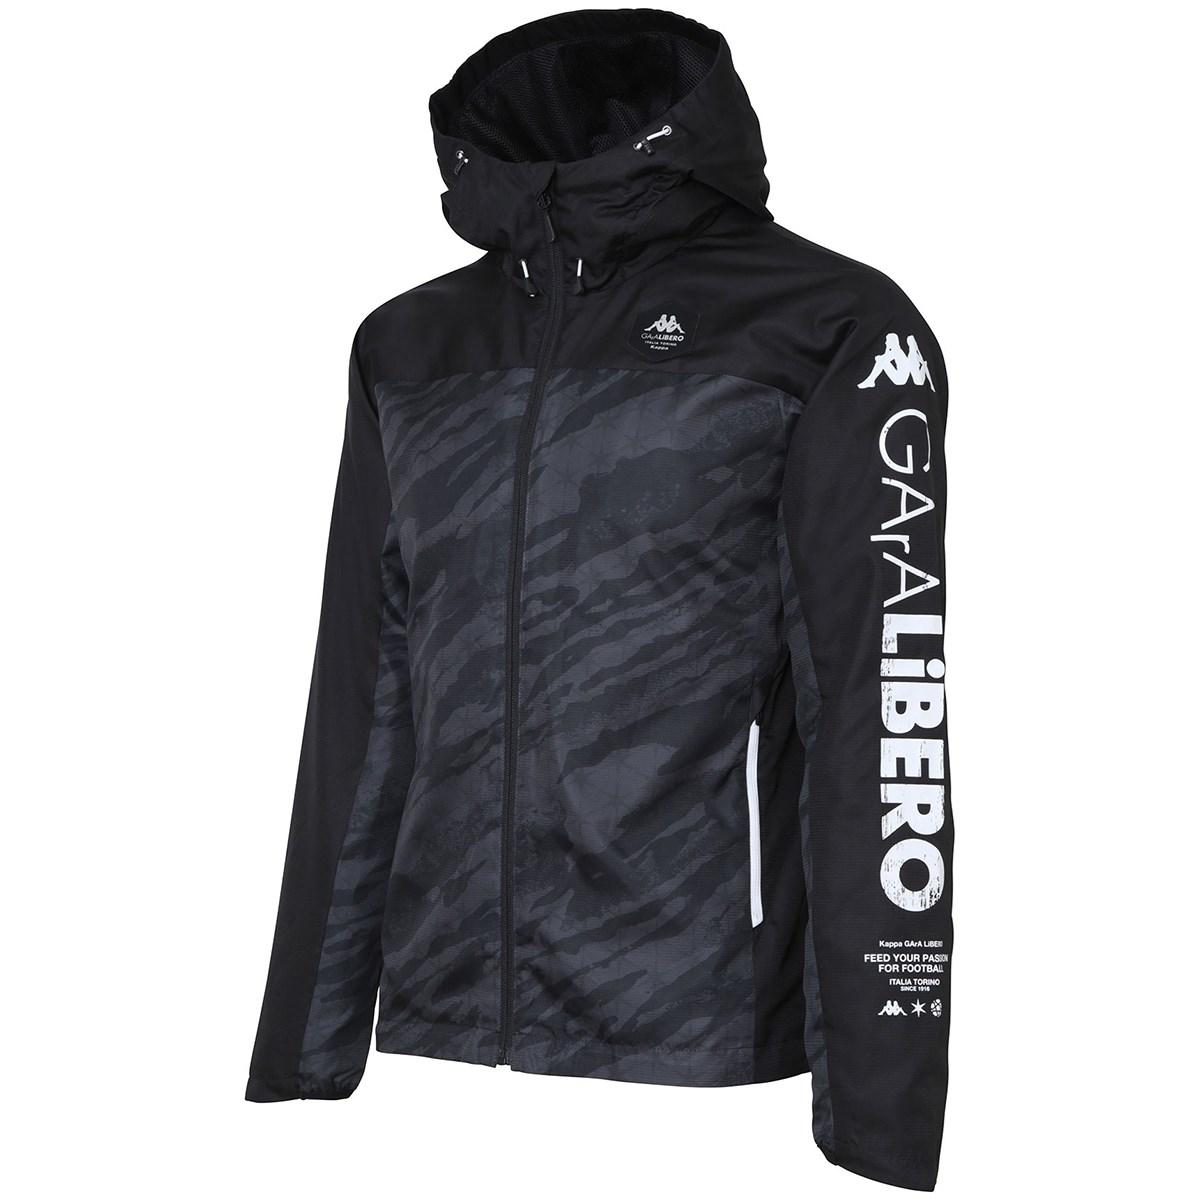 カッパ GArA LiBERO ストレッチウィンドジャケット